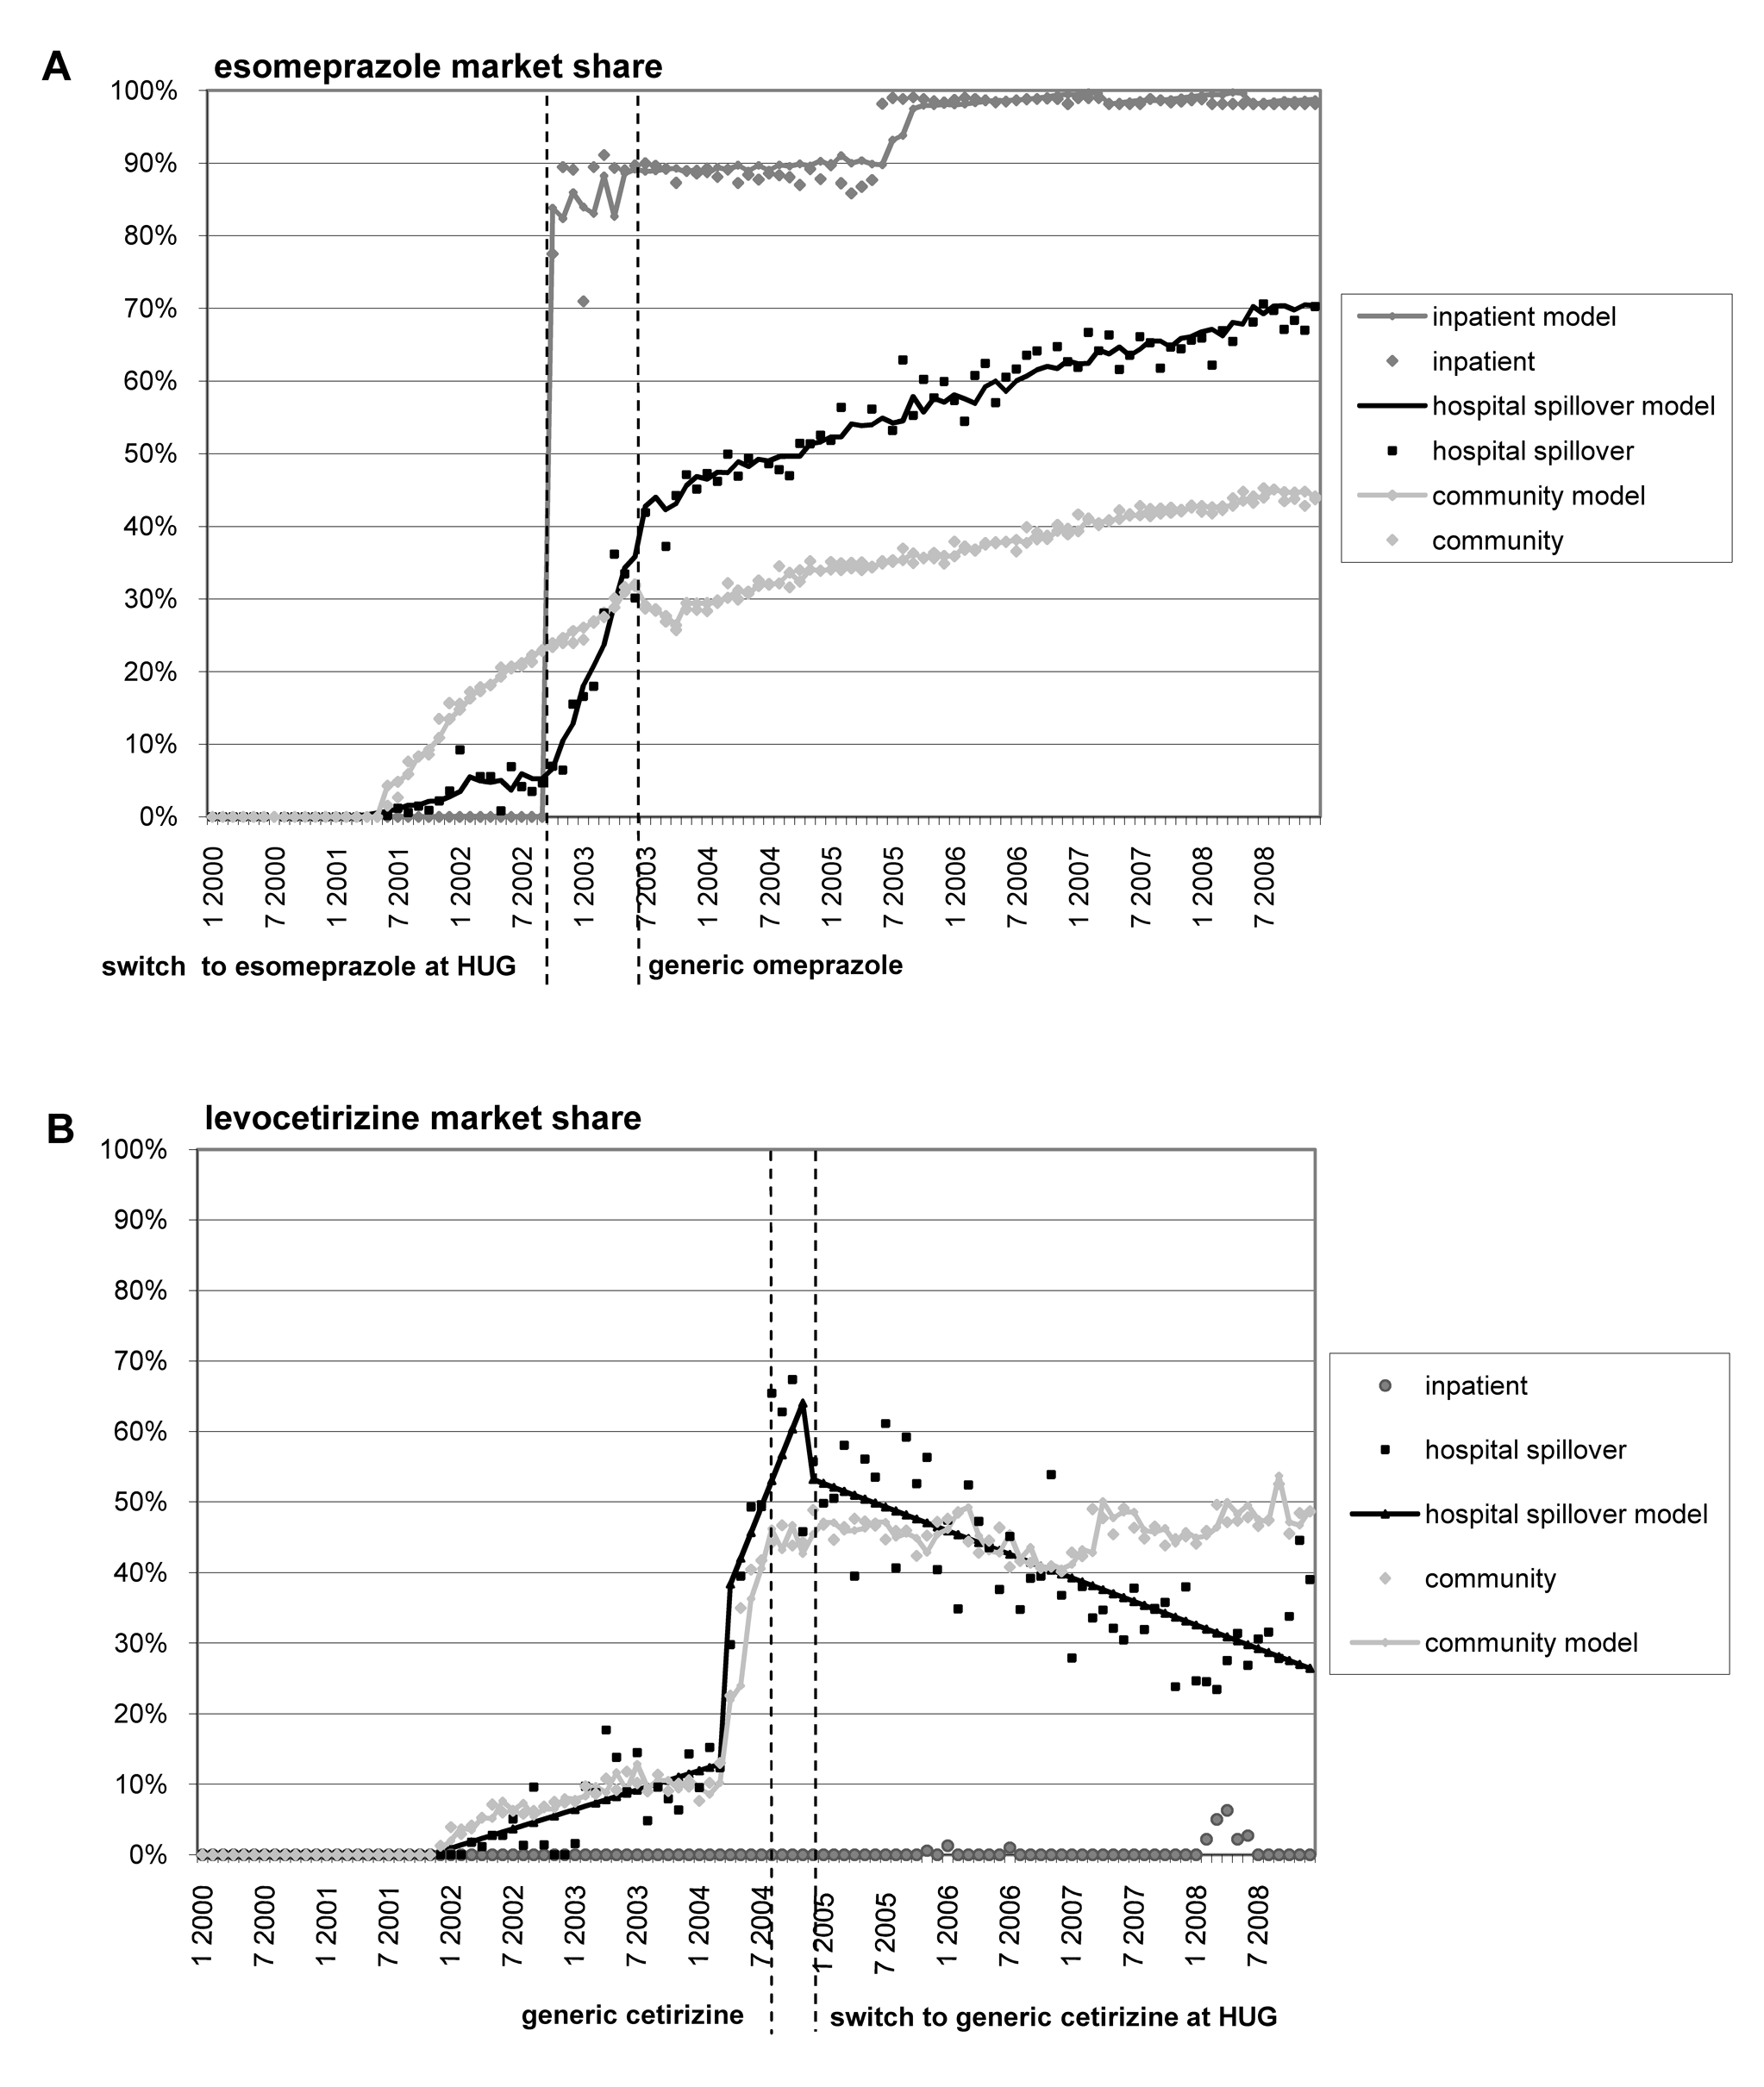 Esomepraprole and levocetirizine market share.